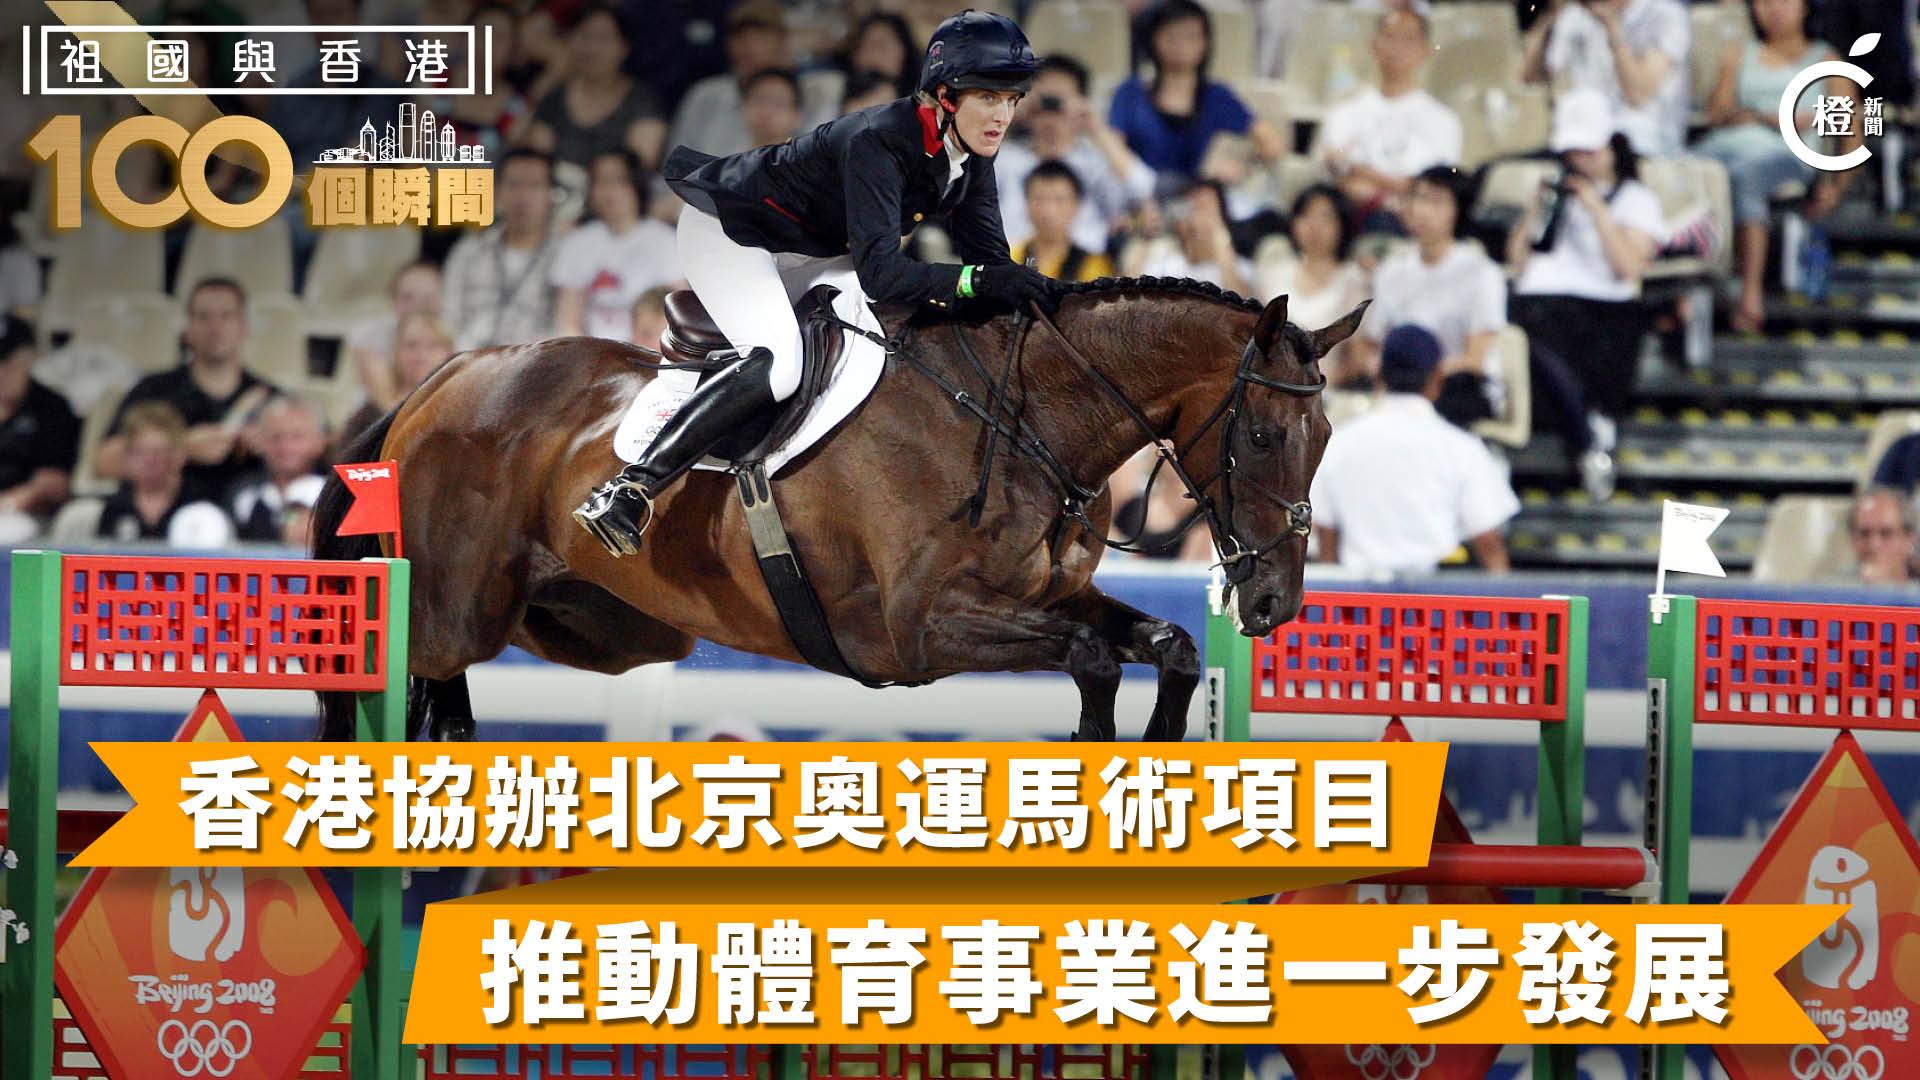 【祖國與香港100個瞬間】香港協辦北京奧運馬術項目 推動體育事業進一步發展